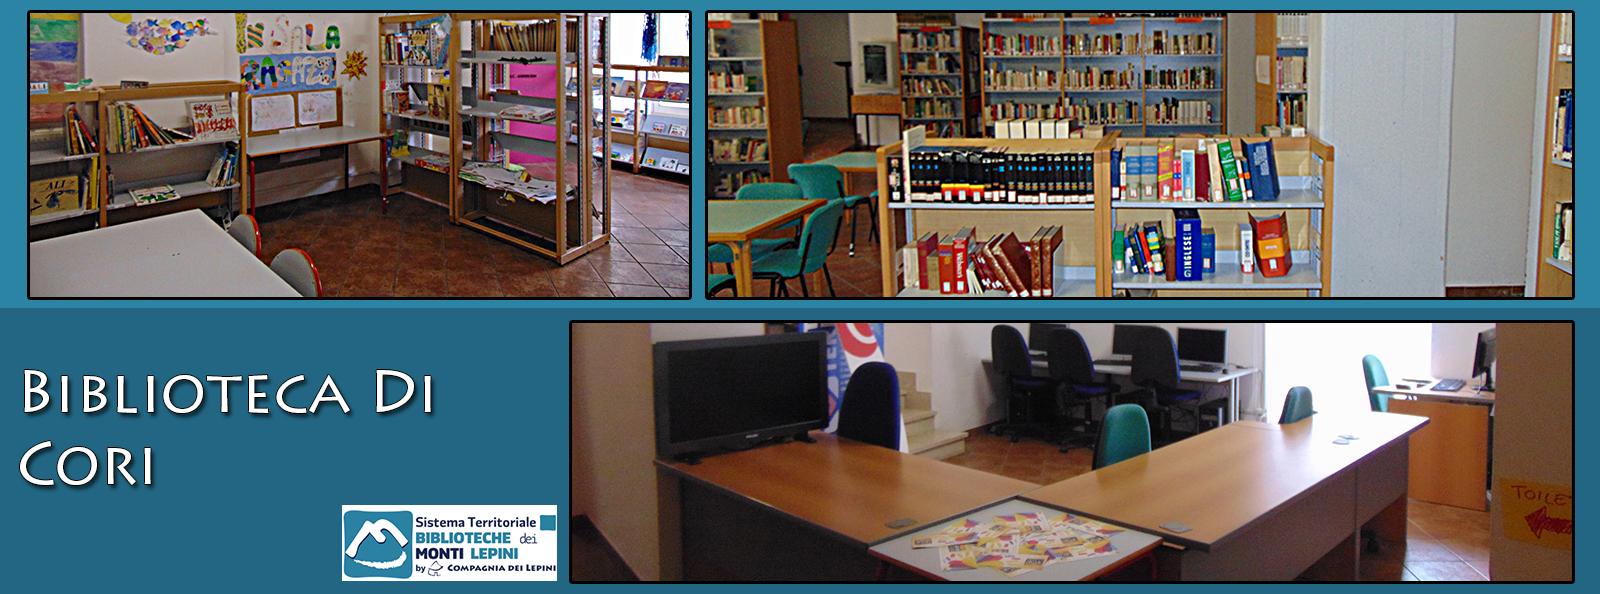 Cori - Biblioteca Comunale